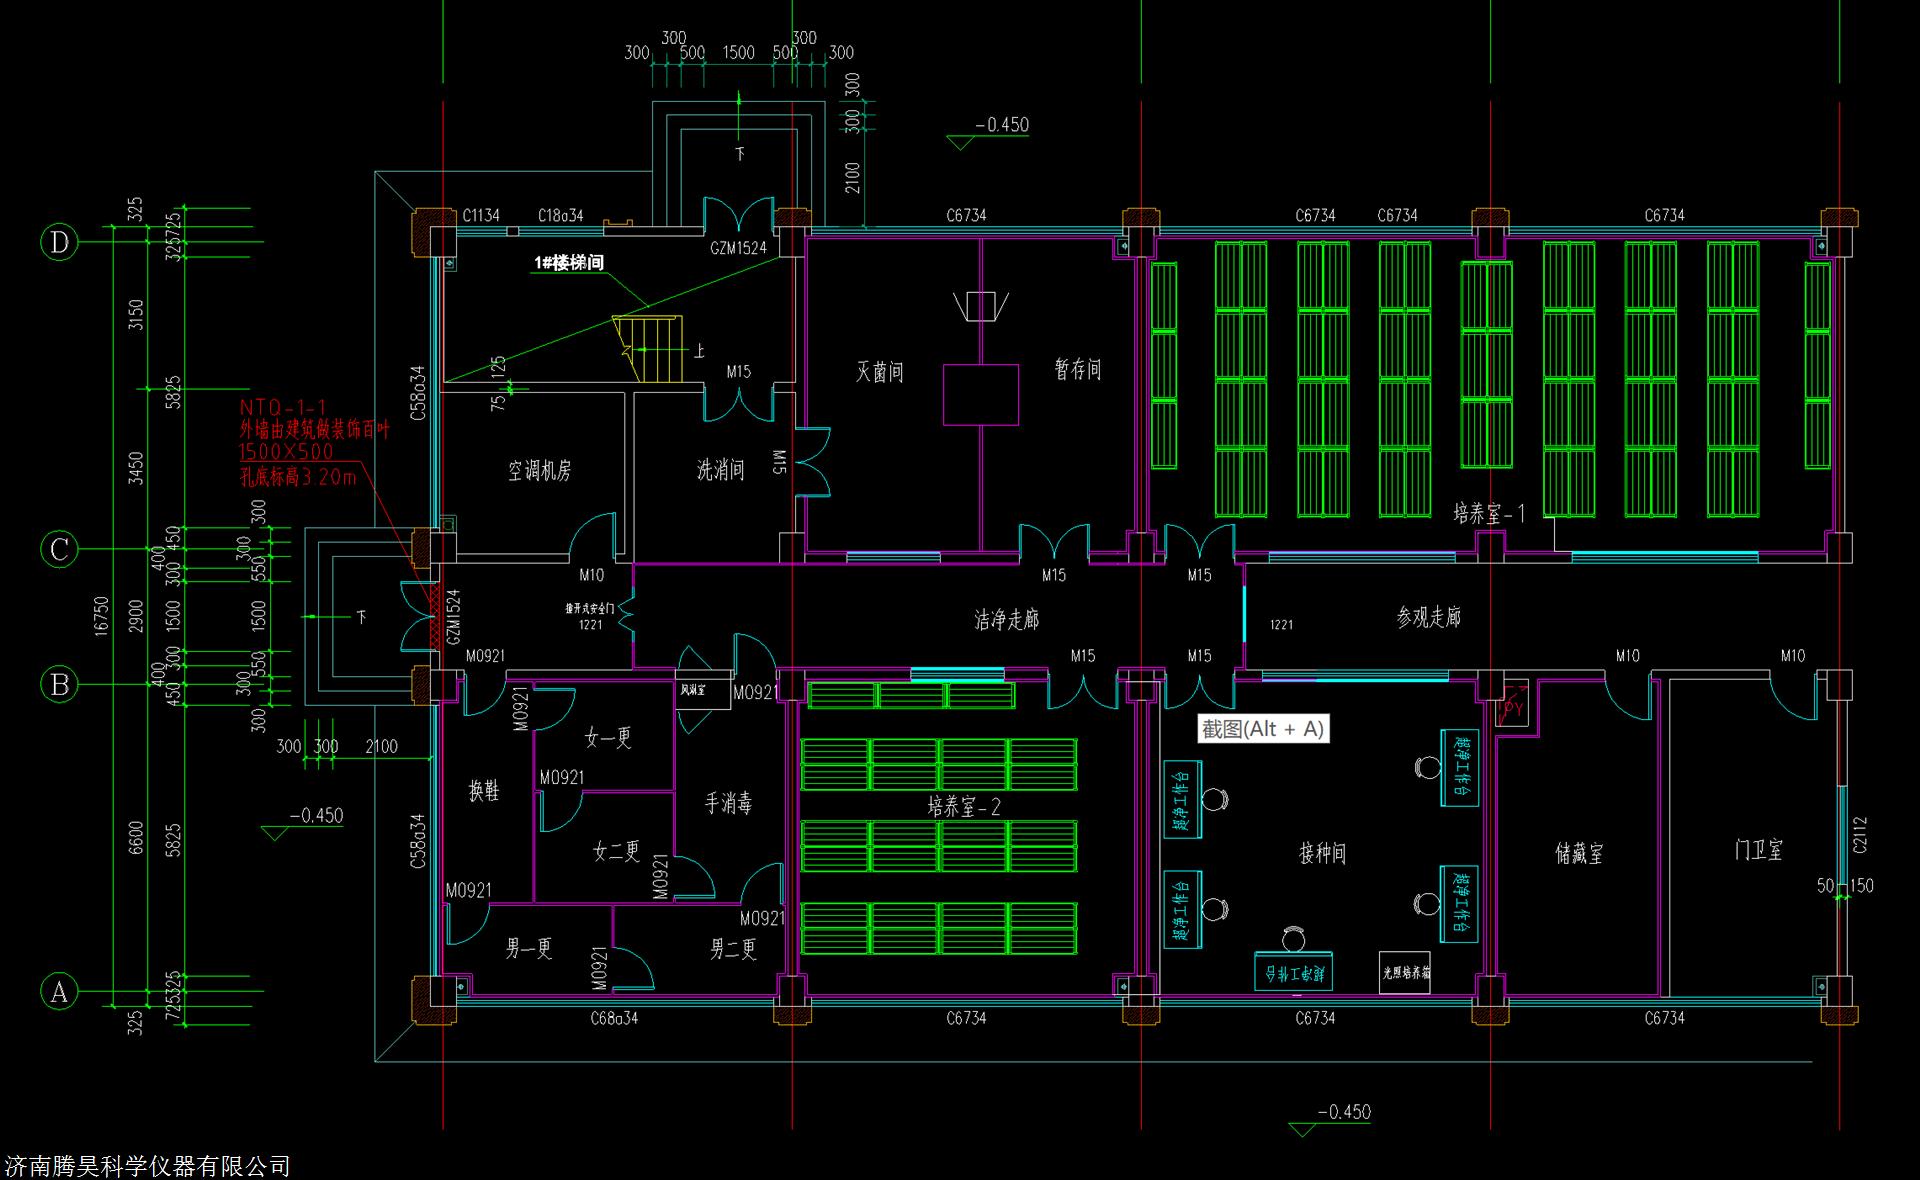 马铃薯组培室CAD图,马铃薯组培室平面图,马铃薯组培室设计图